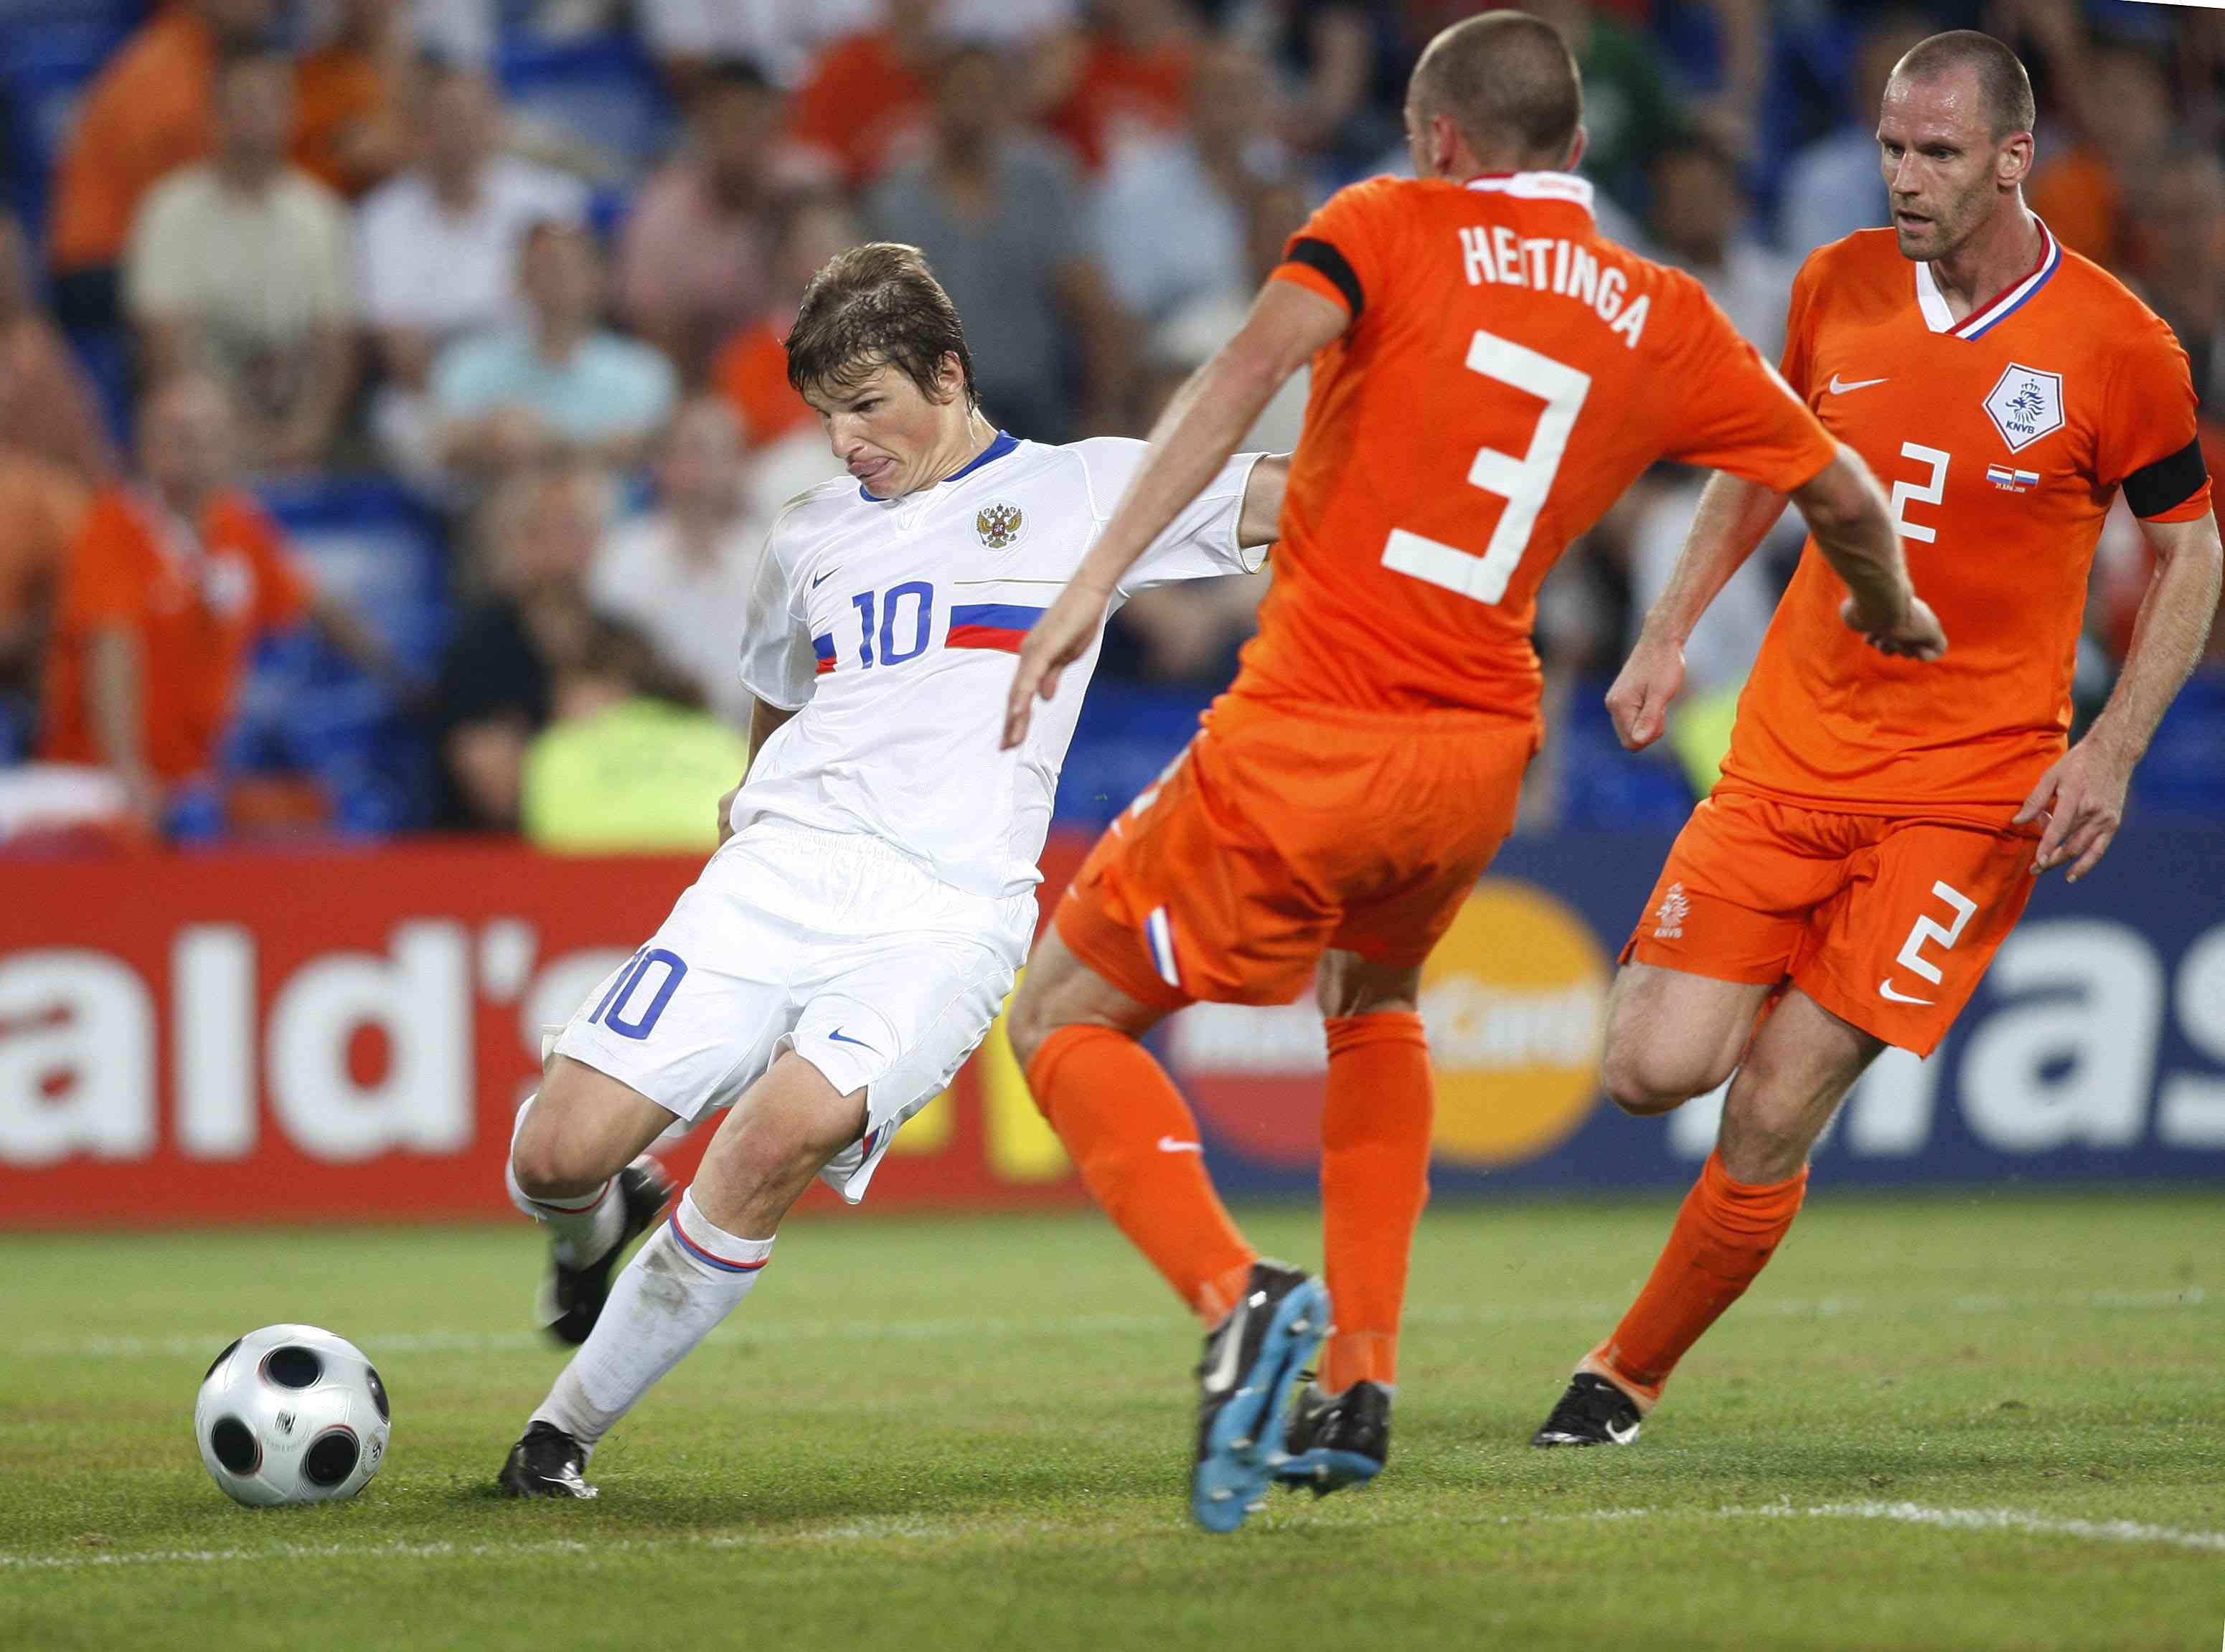 Футбол Чемпионат Мира Россия Голландия